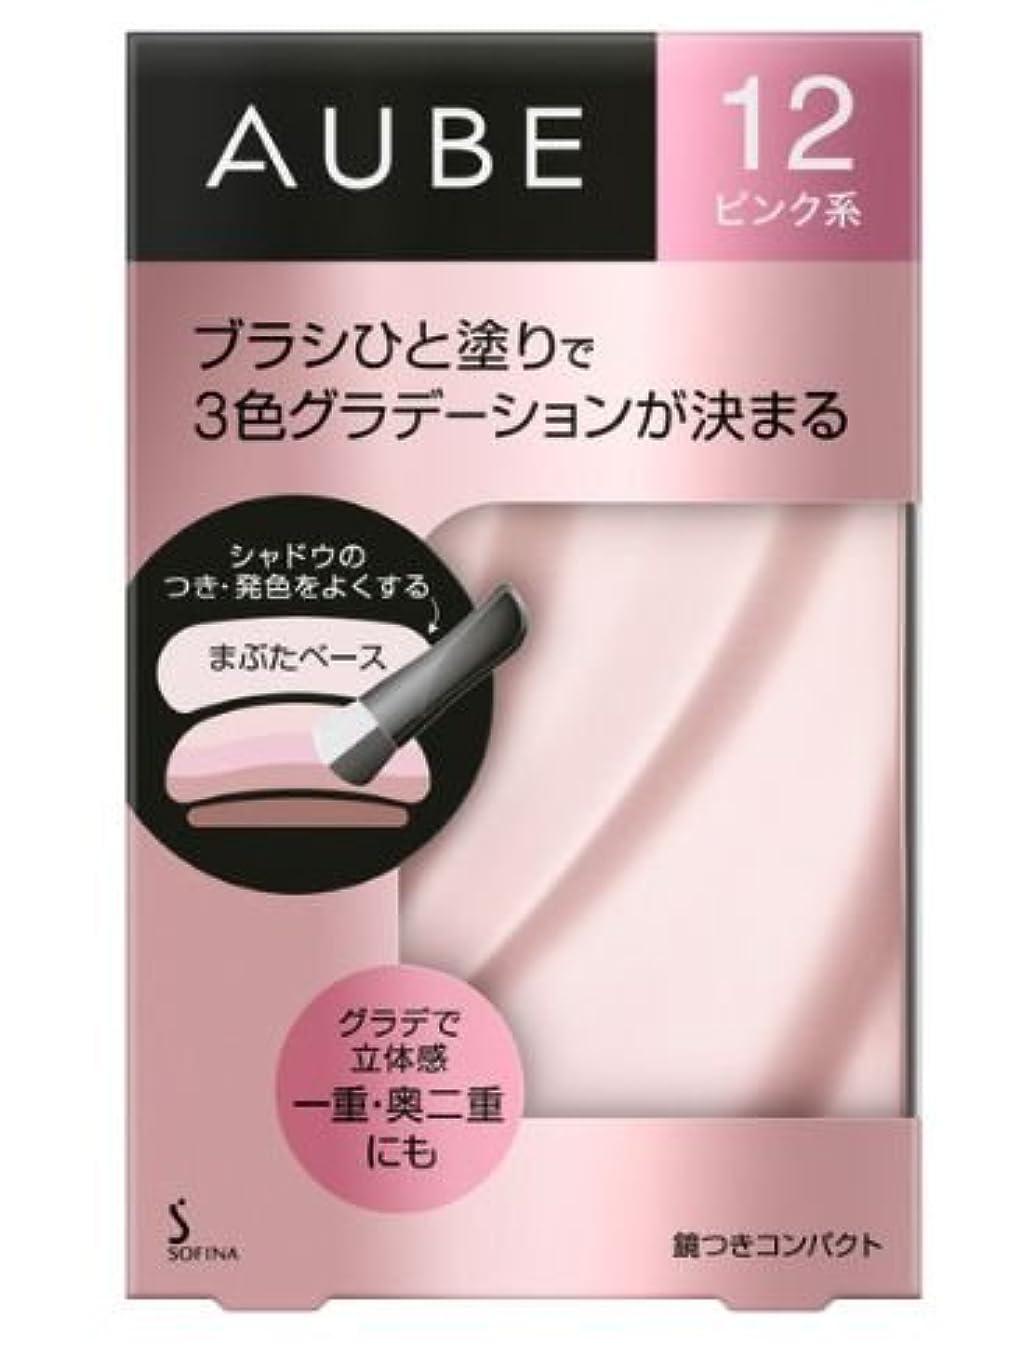 変更可能物語お香オーブ ブラシひと塗りシャドウN (12 ピンク系)